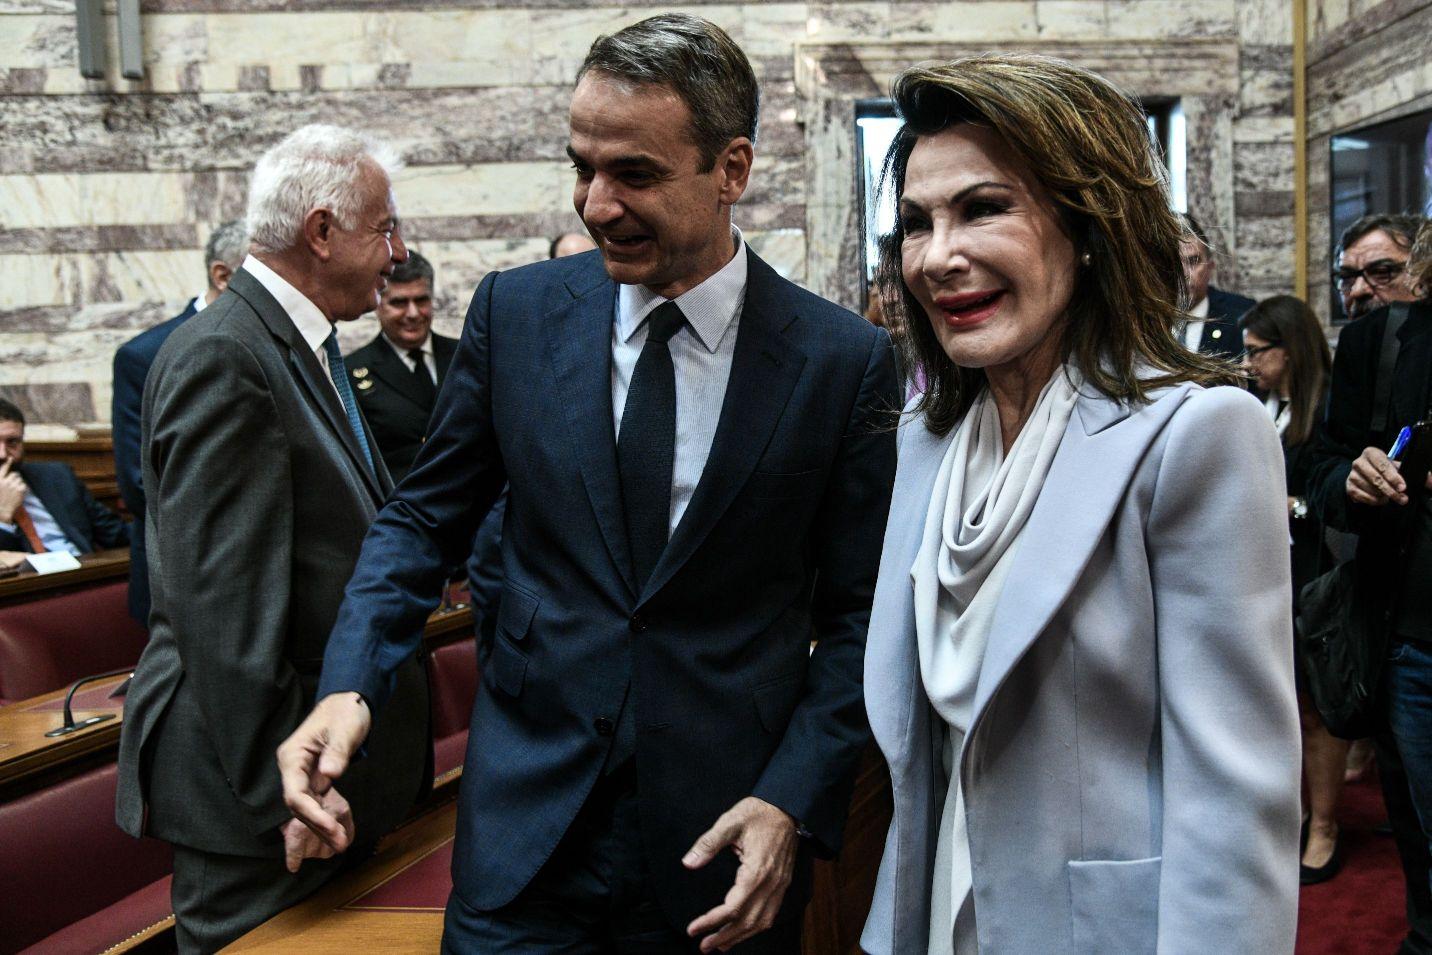 Κυριάκος Μητσοτάκης και Γιάννα Αγγελοπούλου στη Βουλή για την Επιτροπή 2021